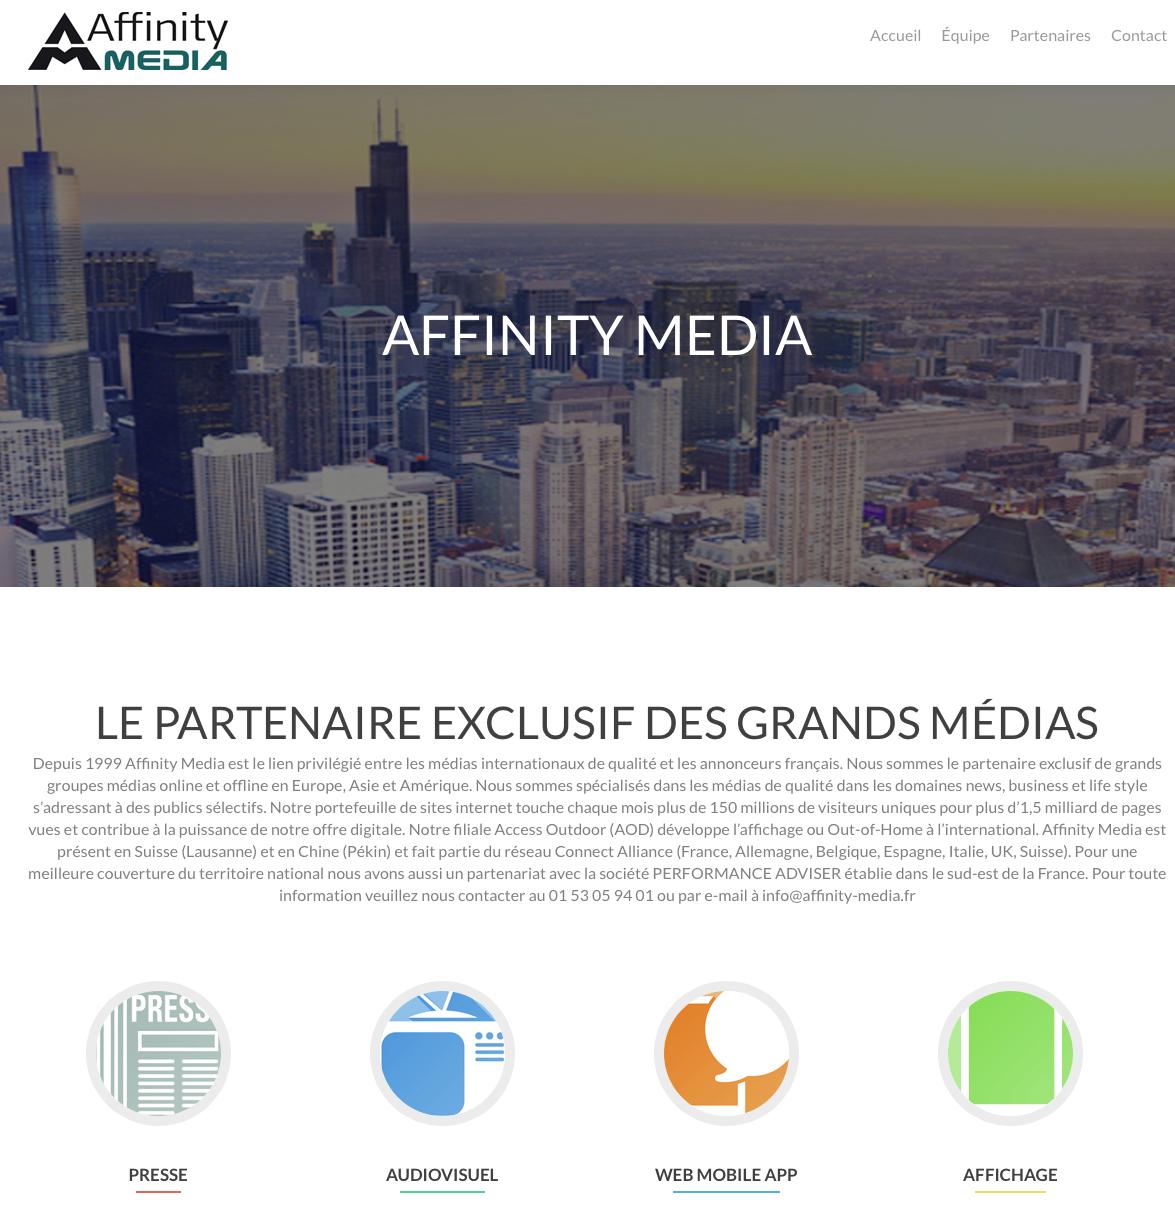 Mehrsprachige Übersetzung für Affinity Media